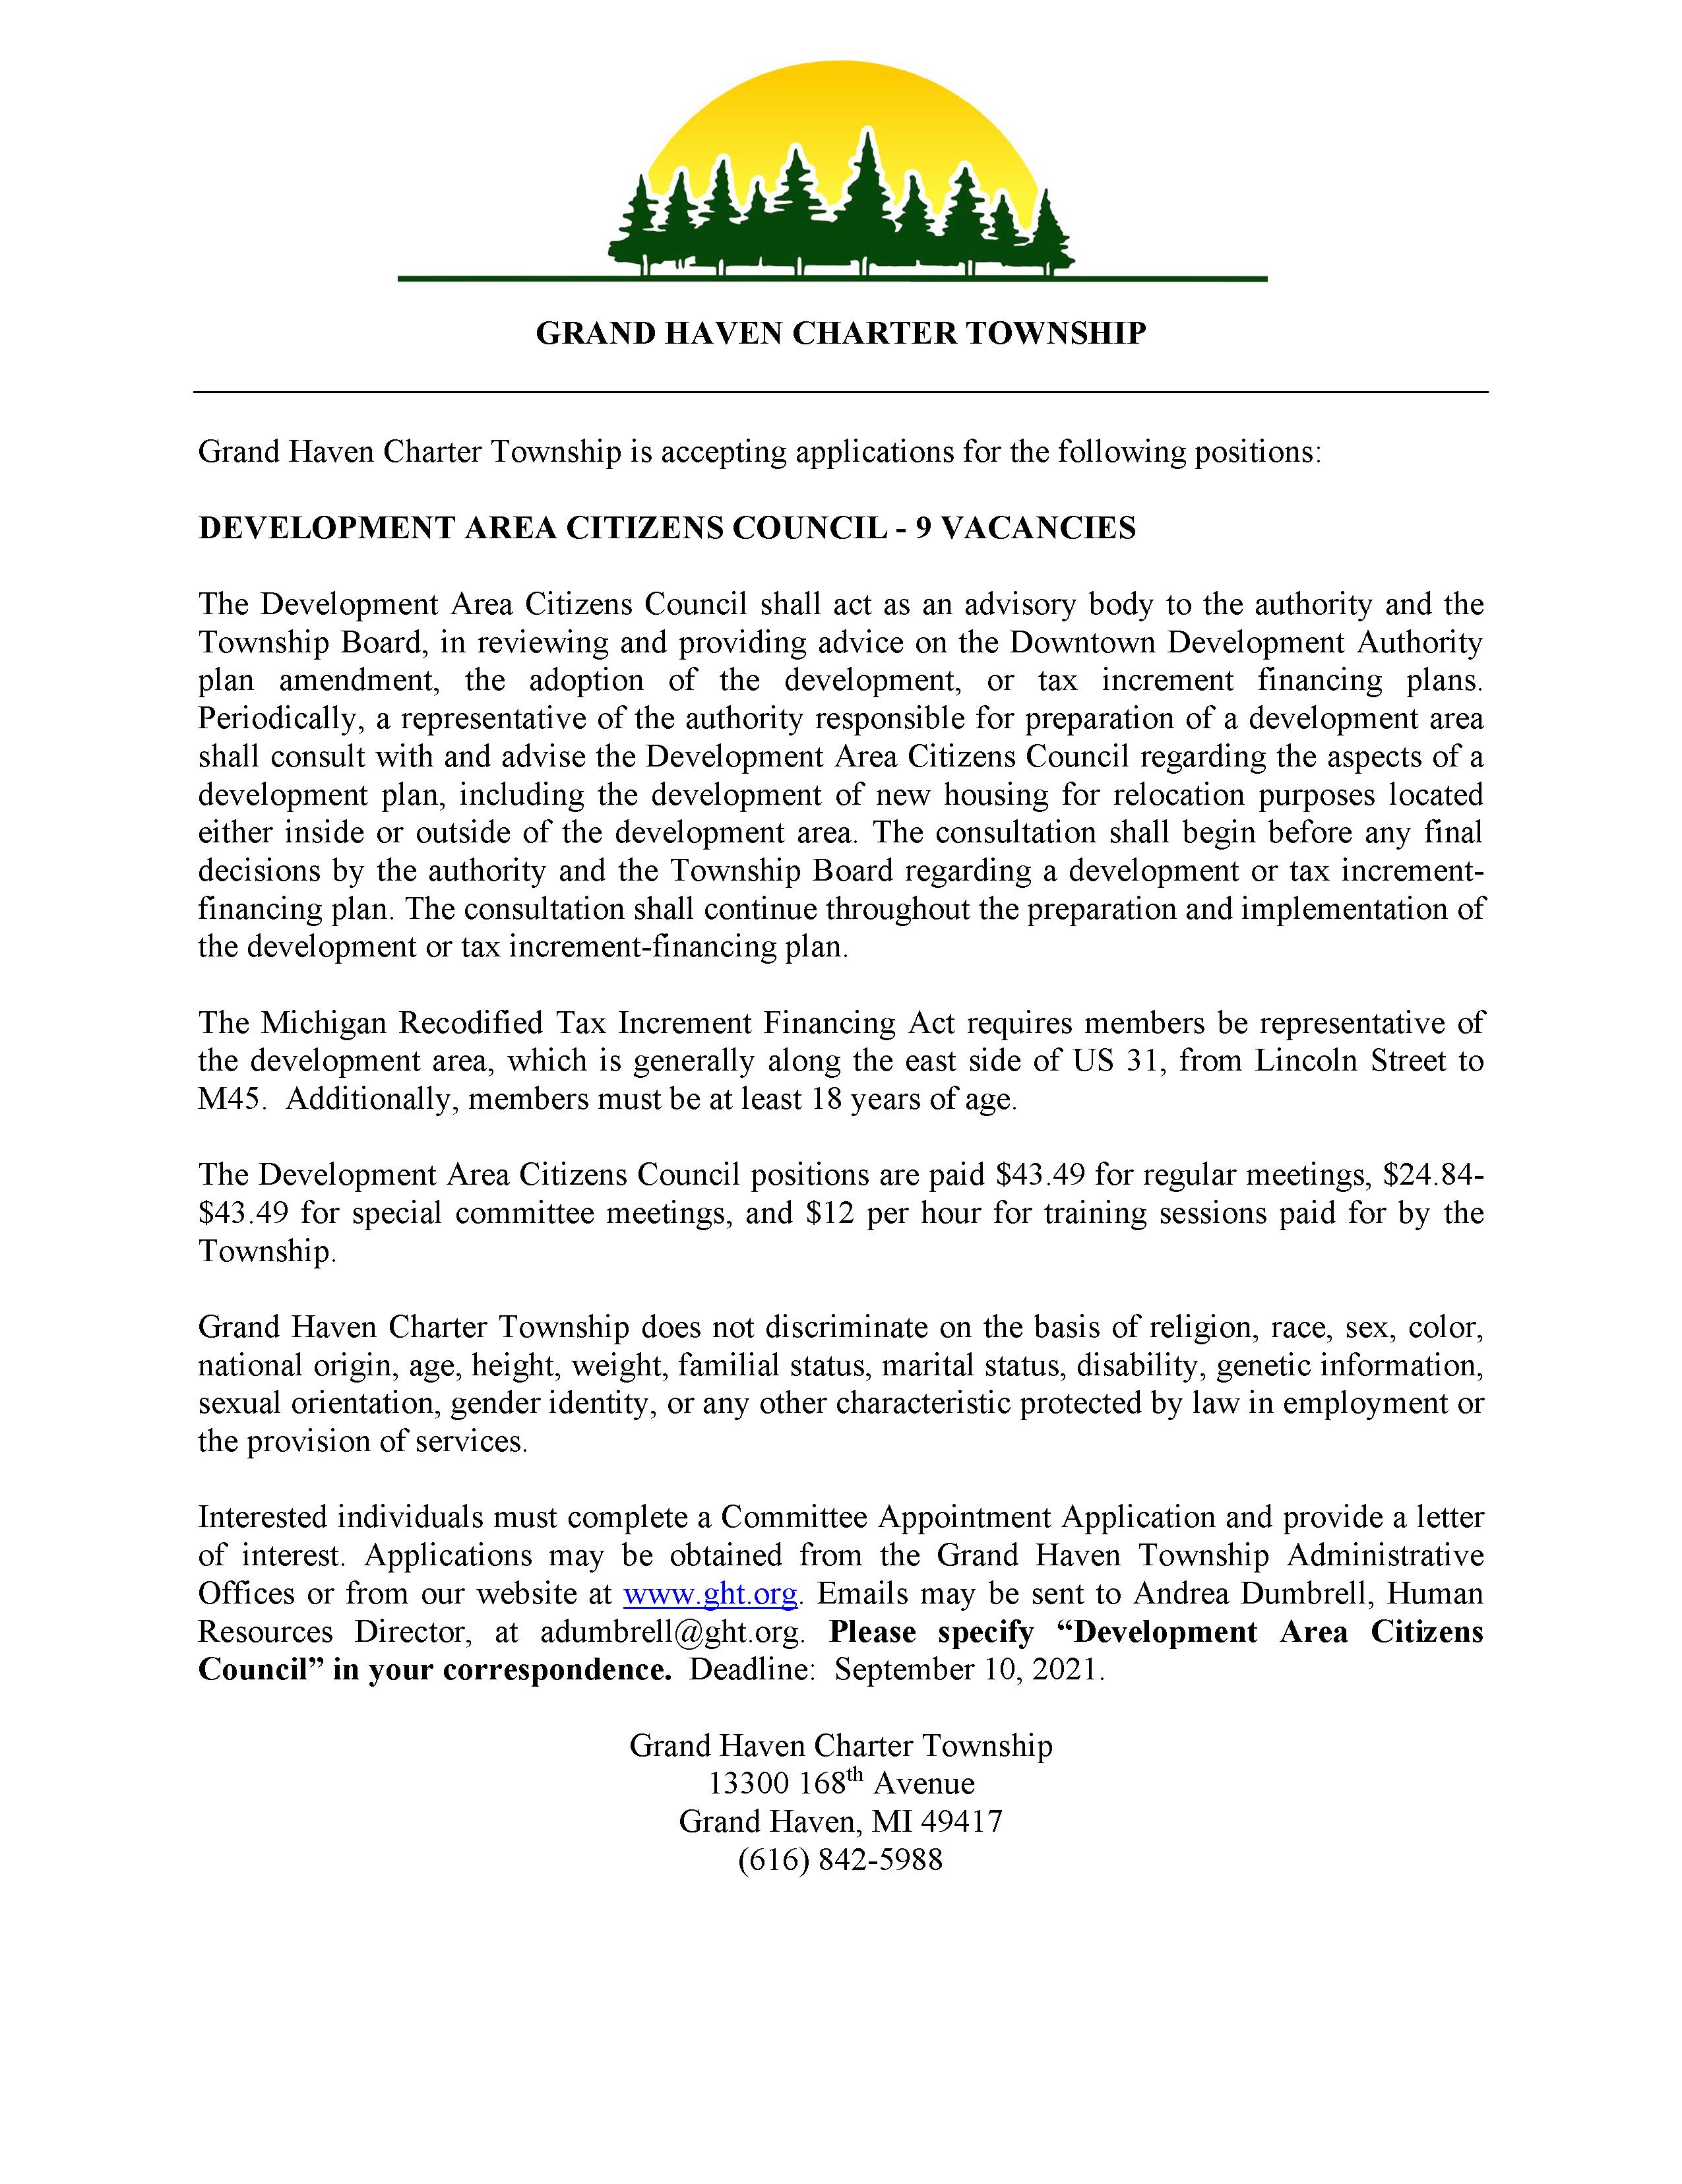 Development Area Citizen Council